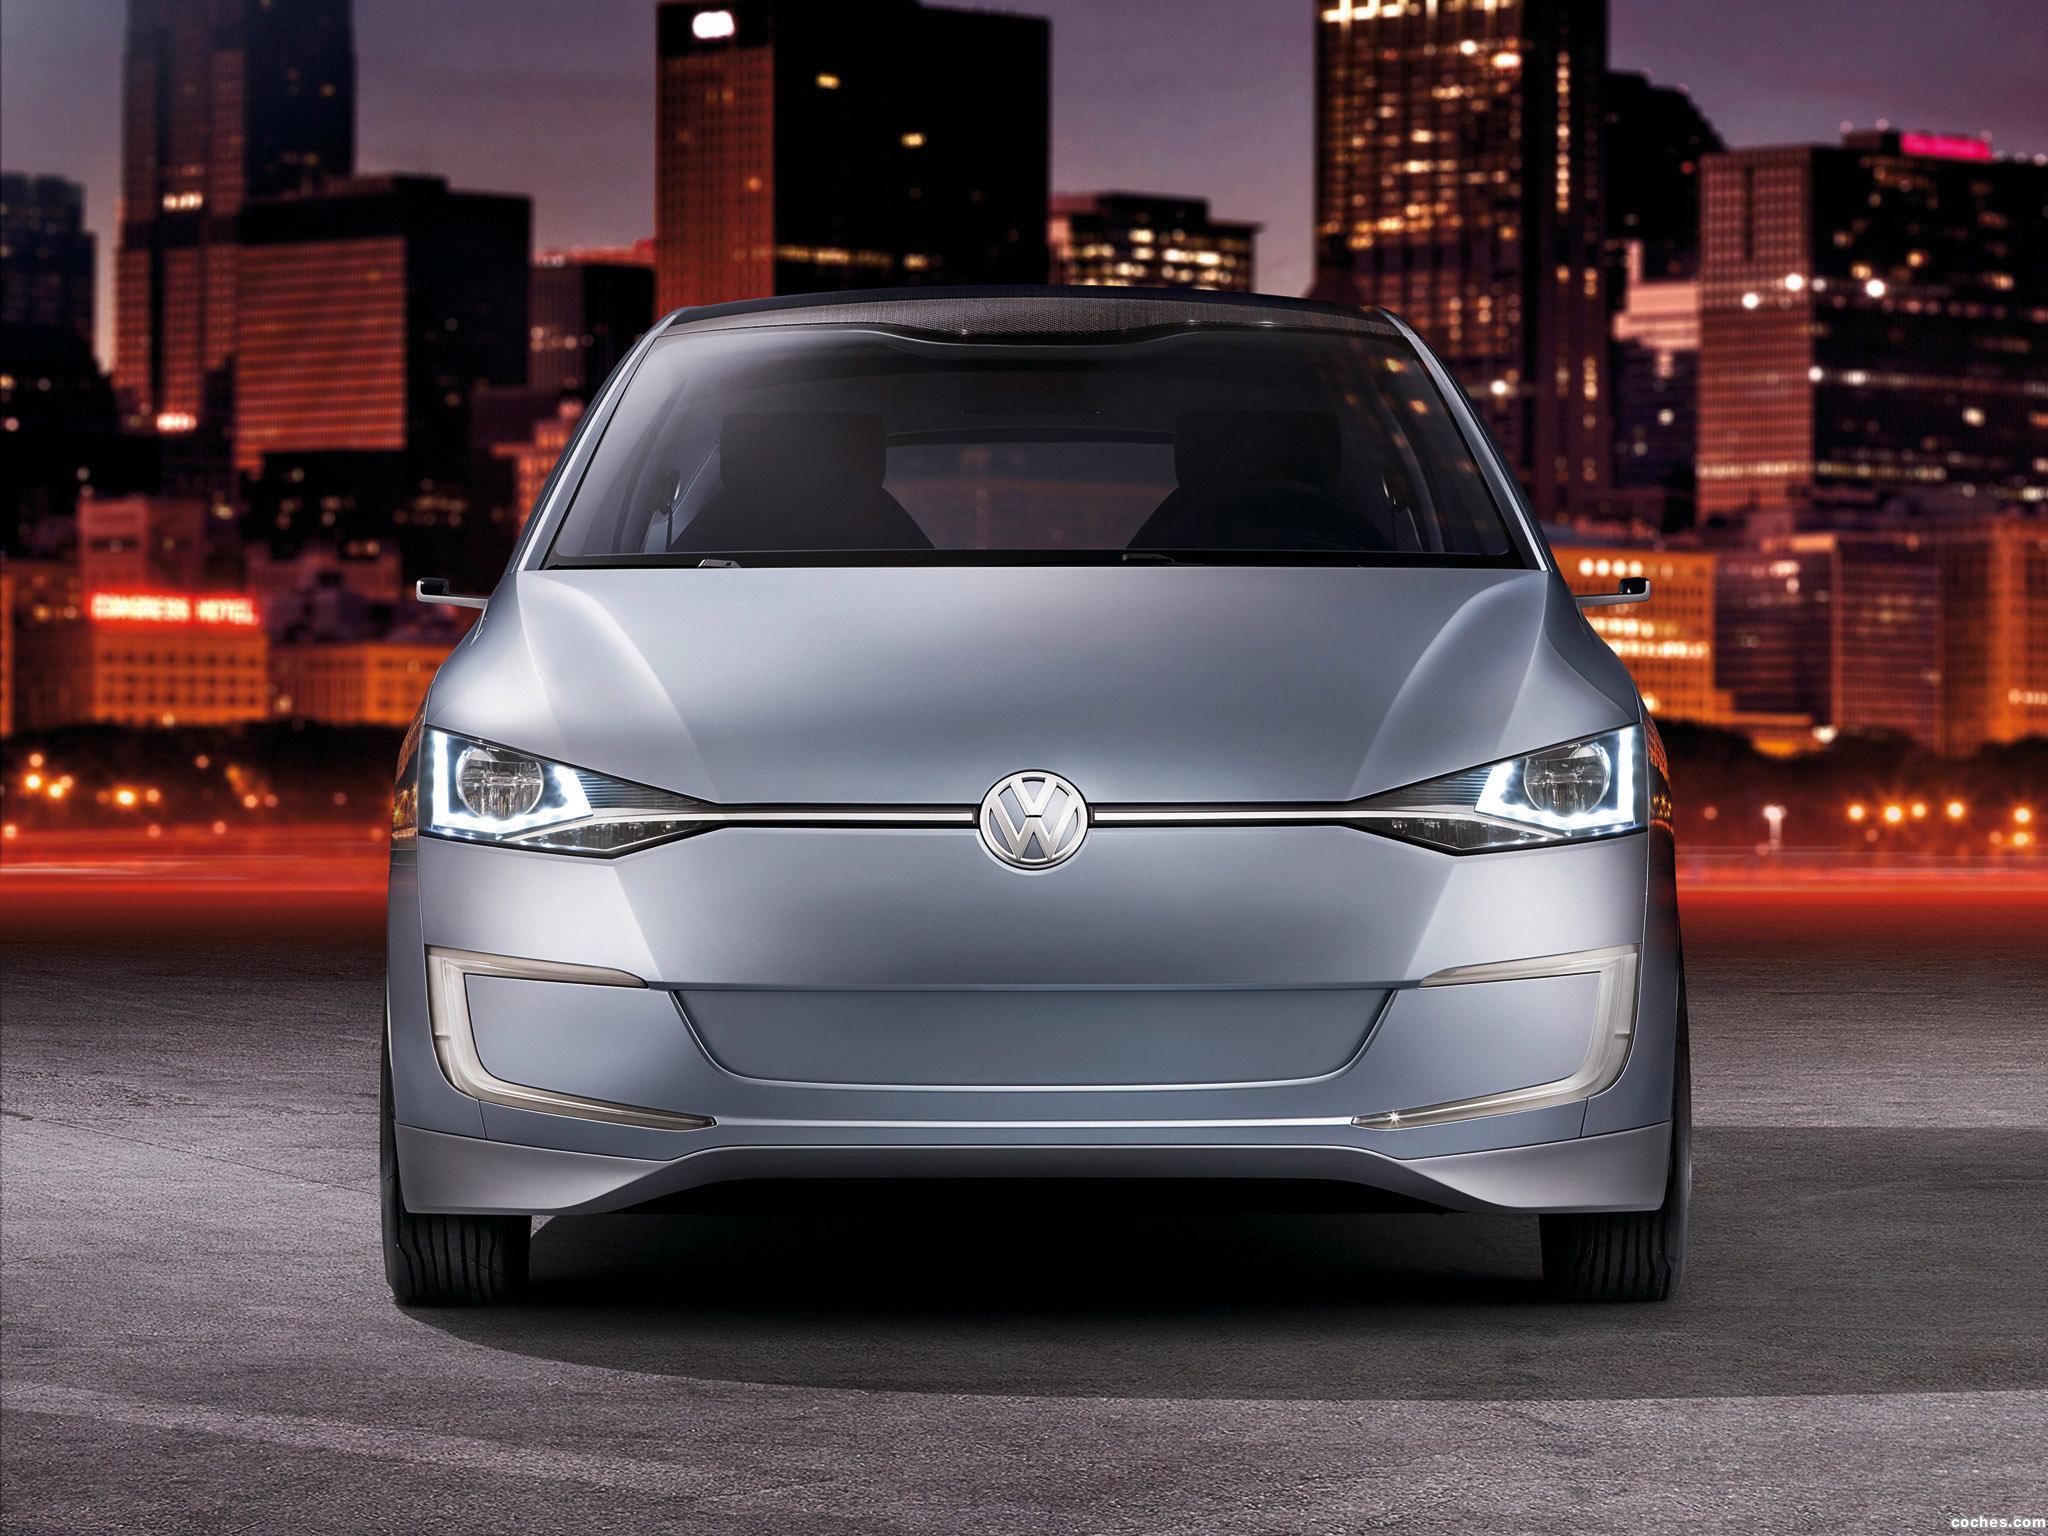 Foto 1 de Volkswagen Up! Lite Concept 2009